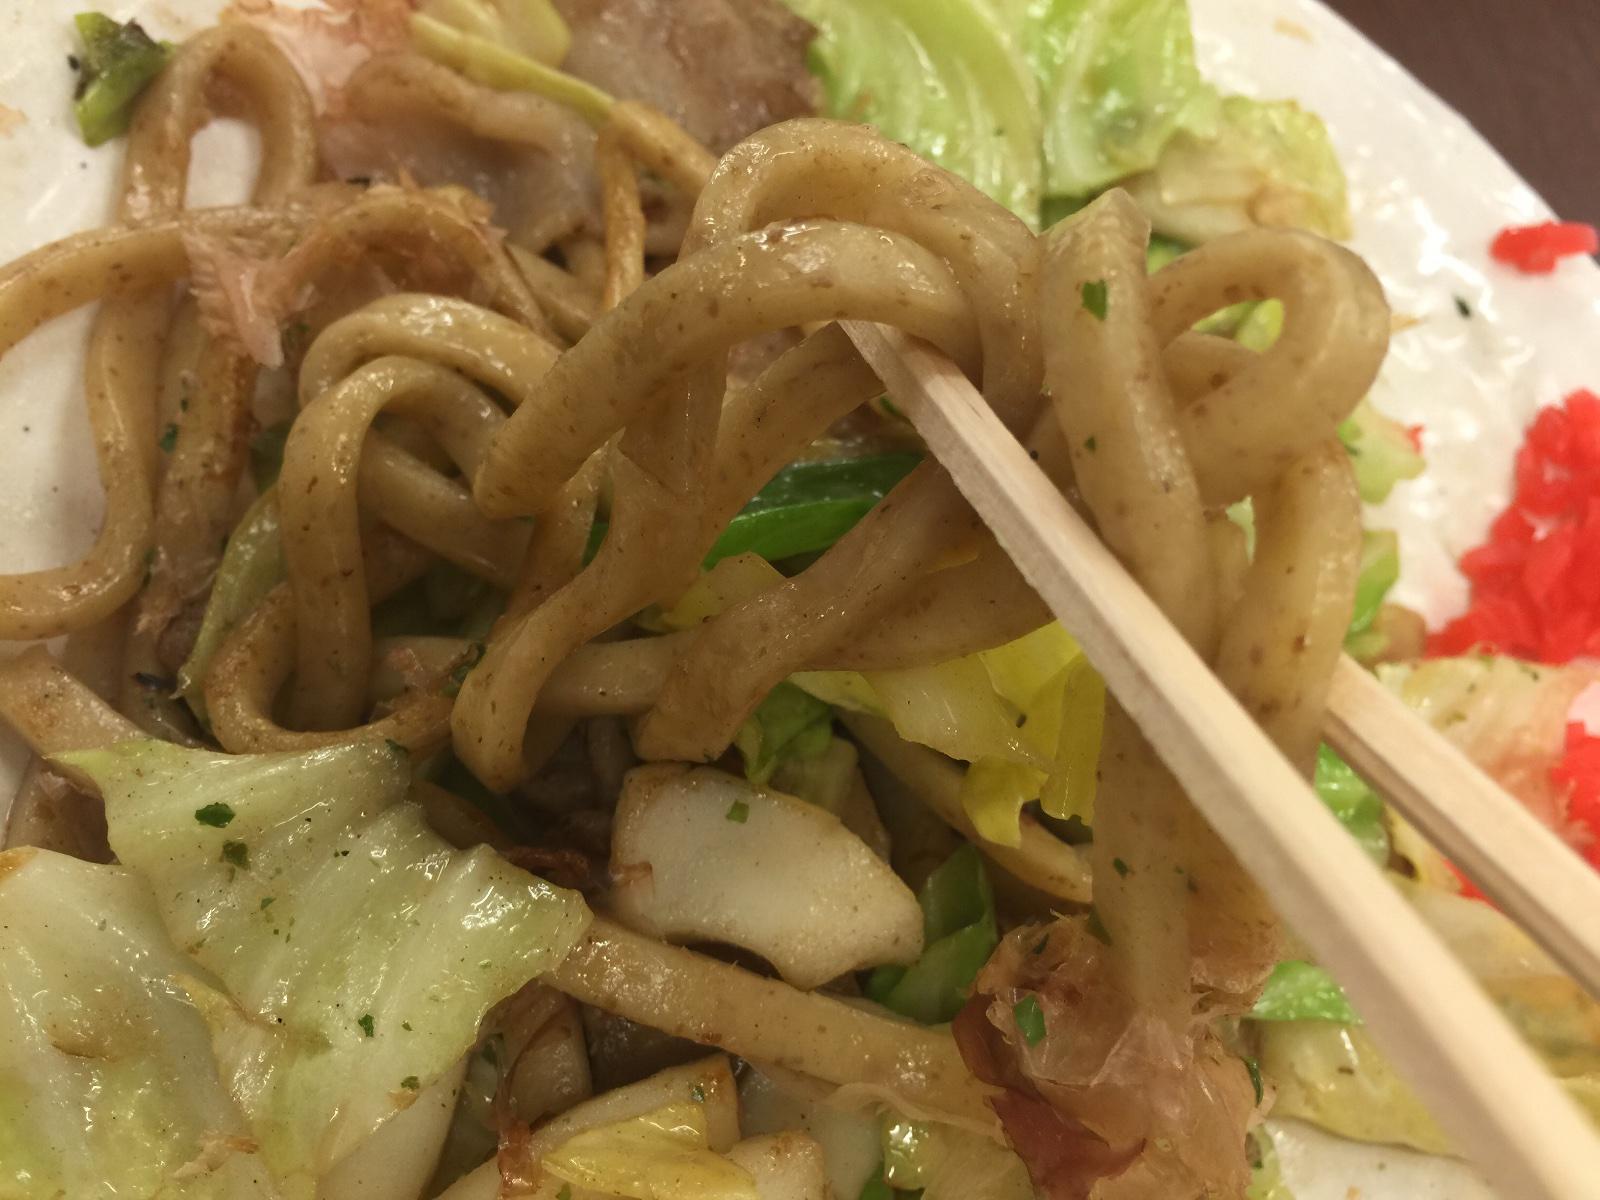 串カツと自分で焼くタコ焼き新世界味の大丸塩焼きそば太麺